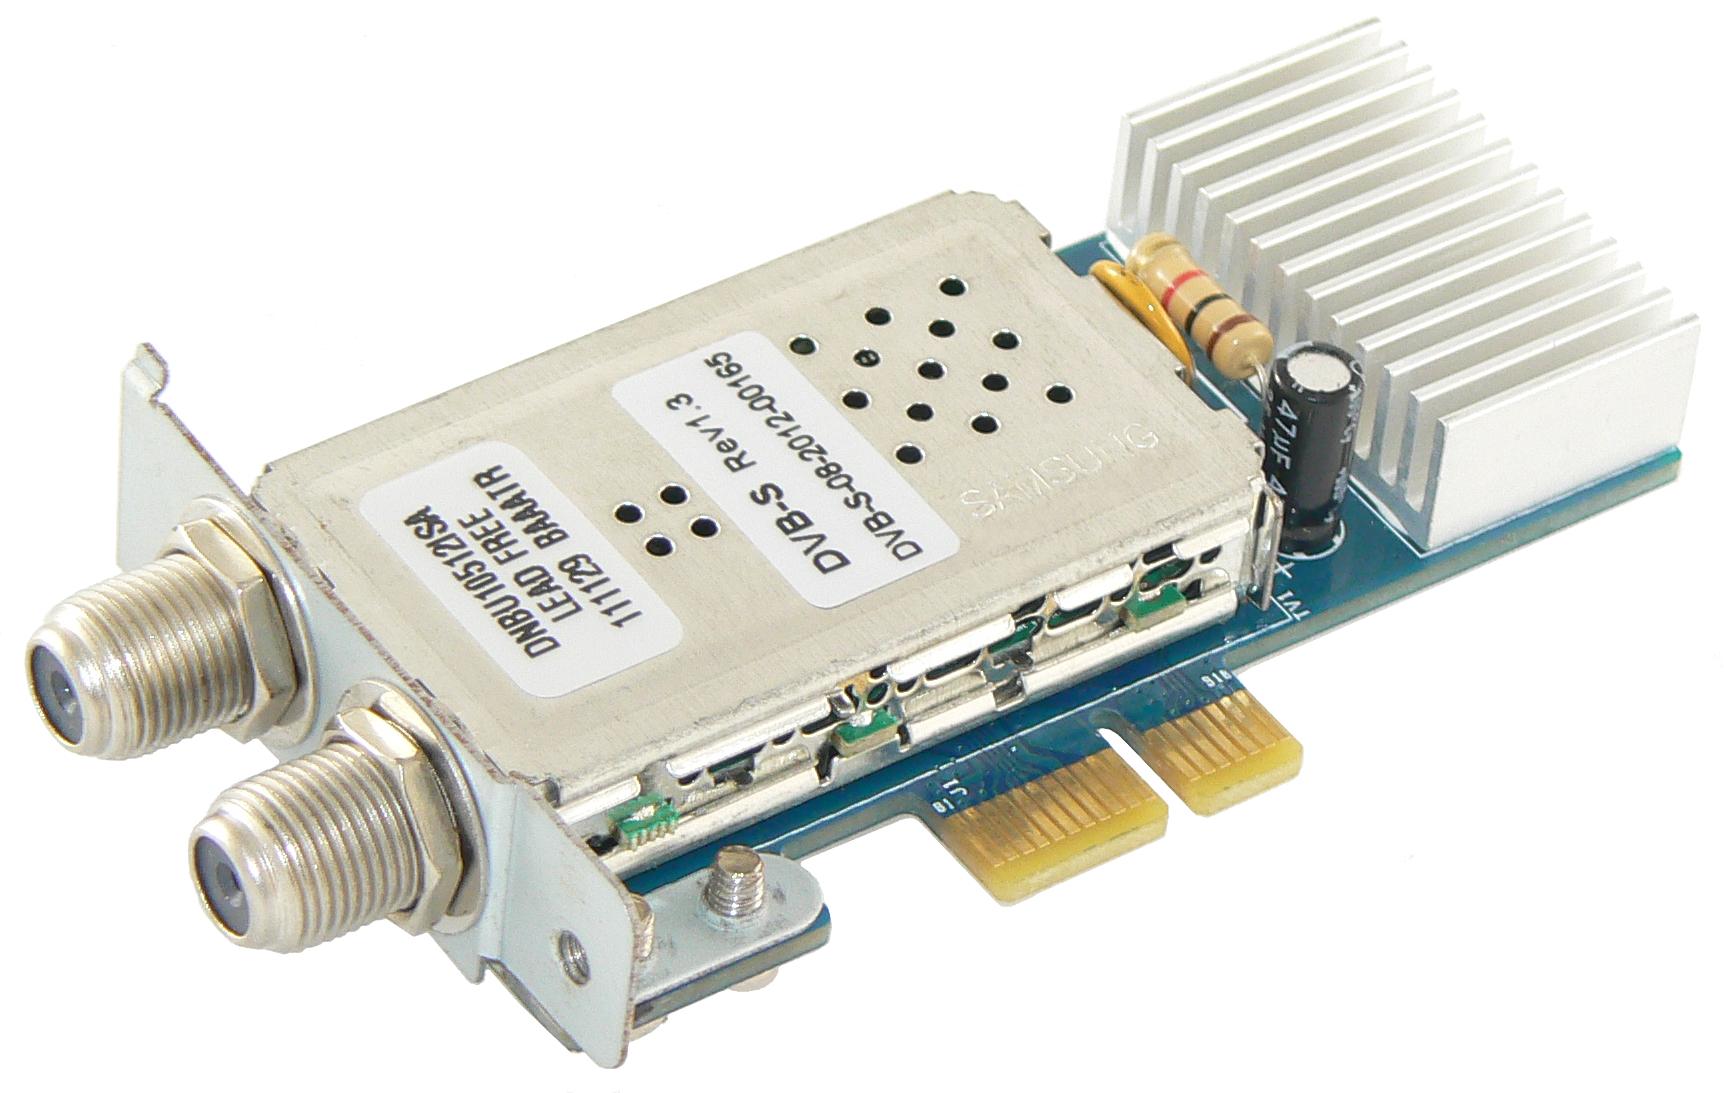 Venton UniBox HD1 HD2 HD3 DVB-S2 Sat Tuner